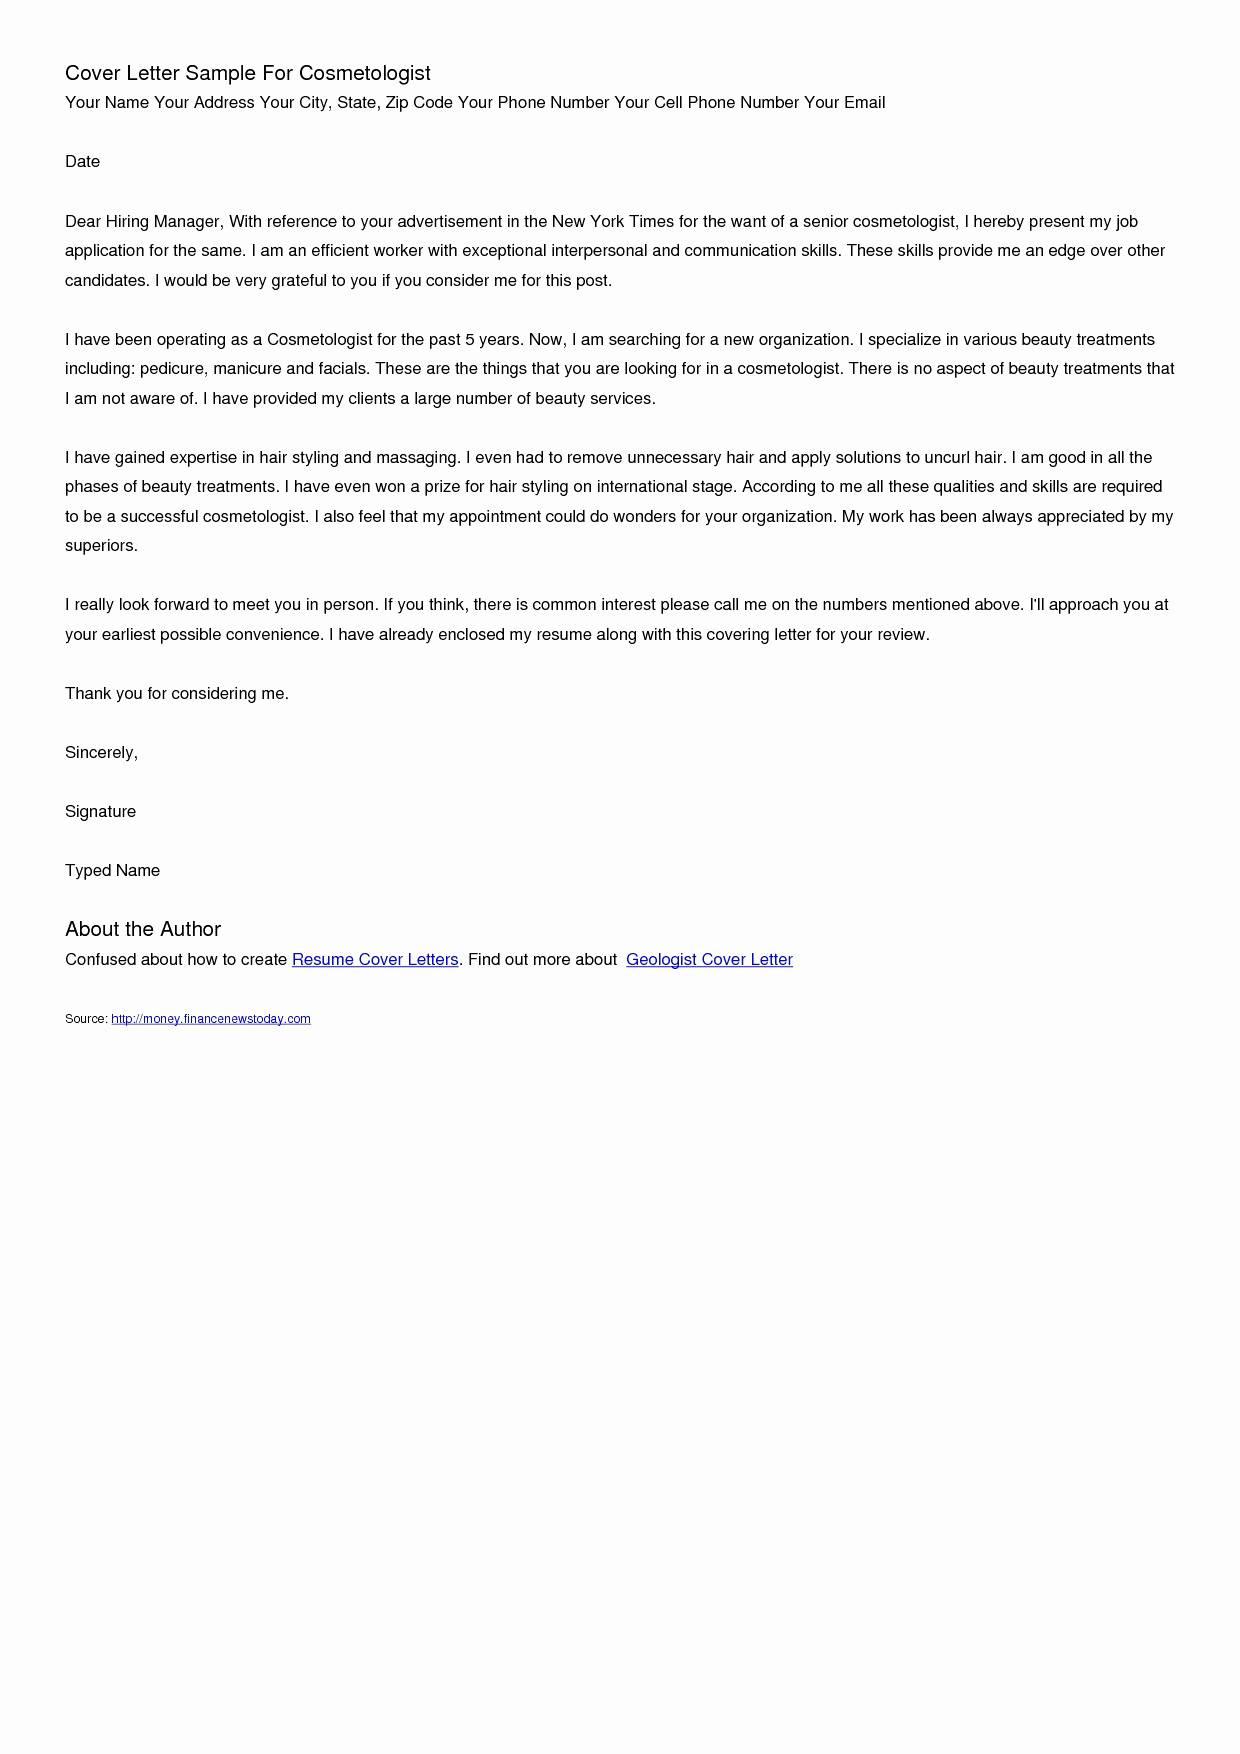 resume duty letter